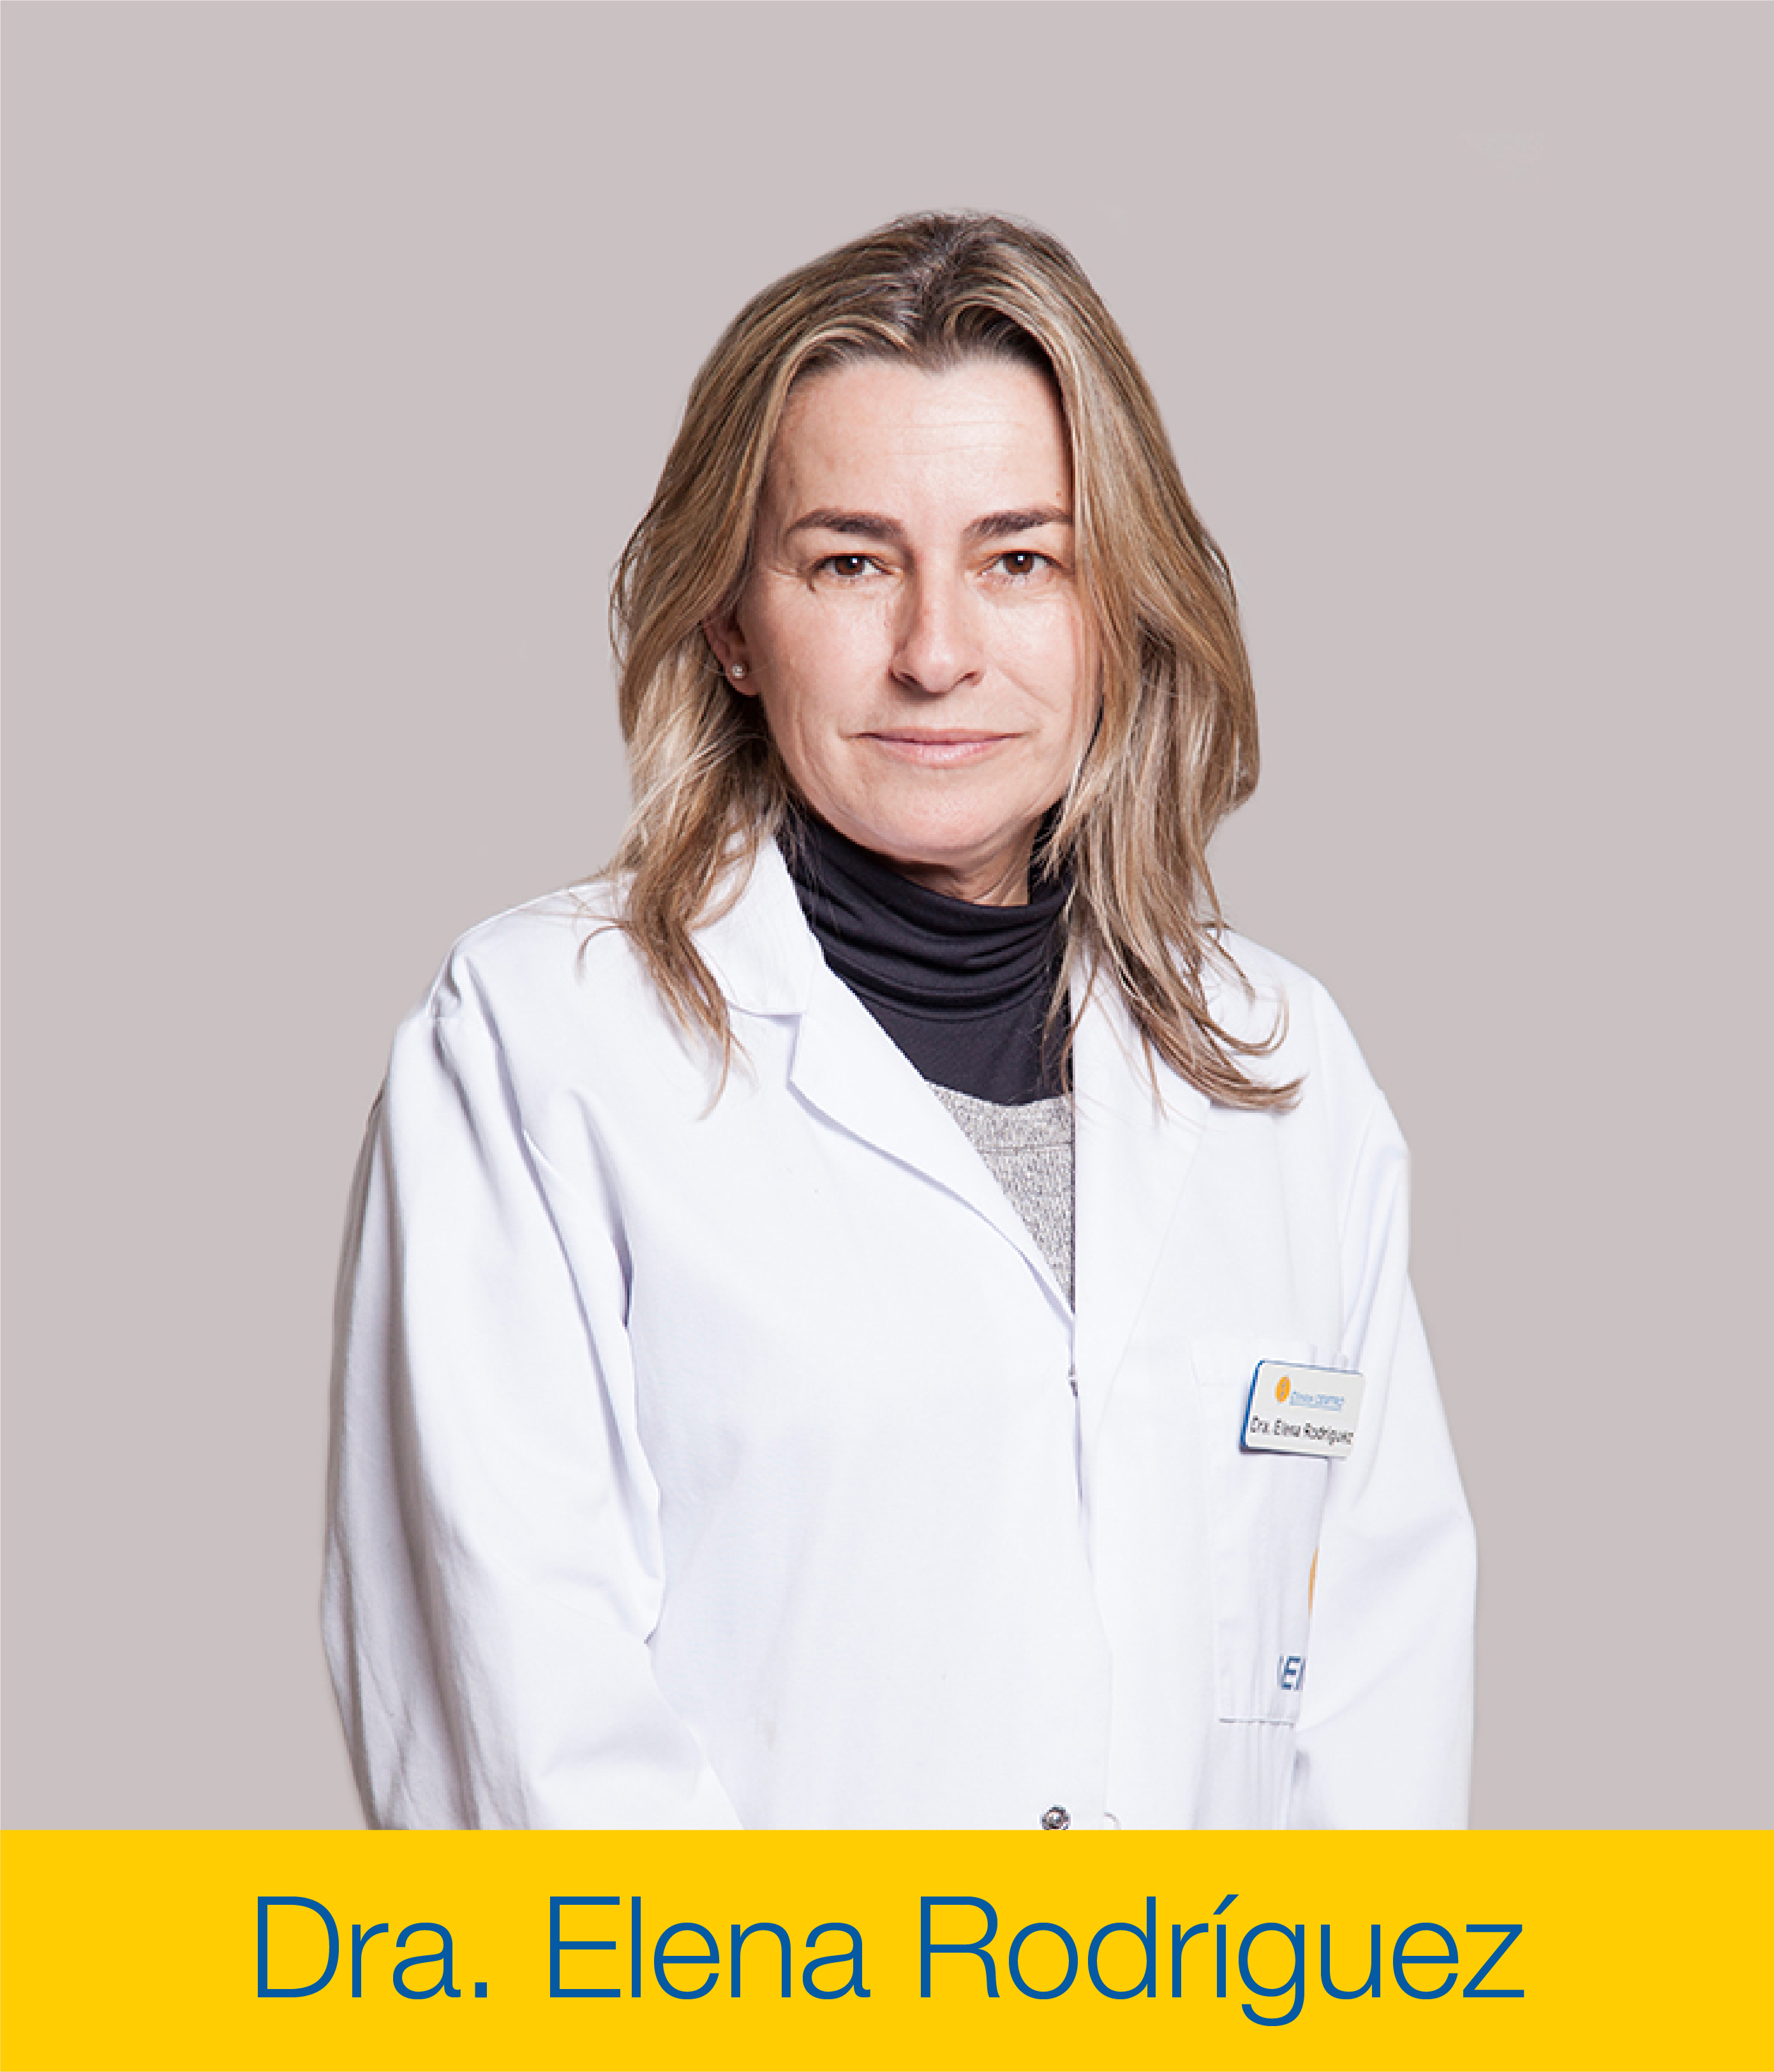 Dra Elena Implante Cartilago